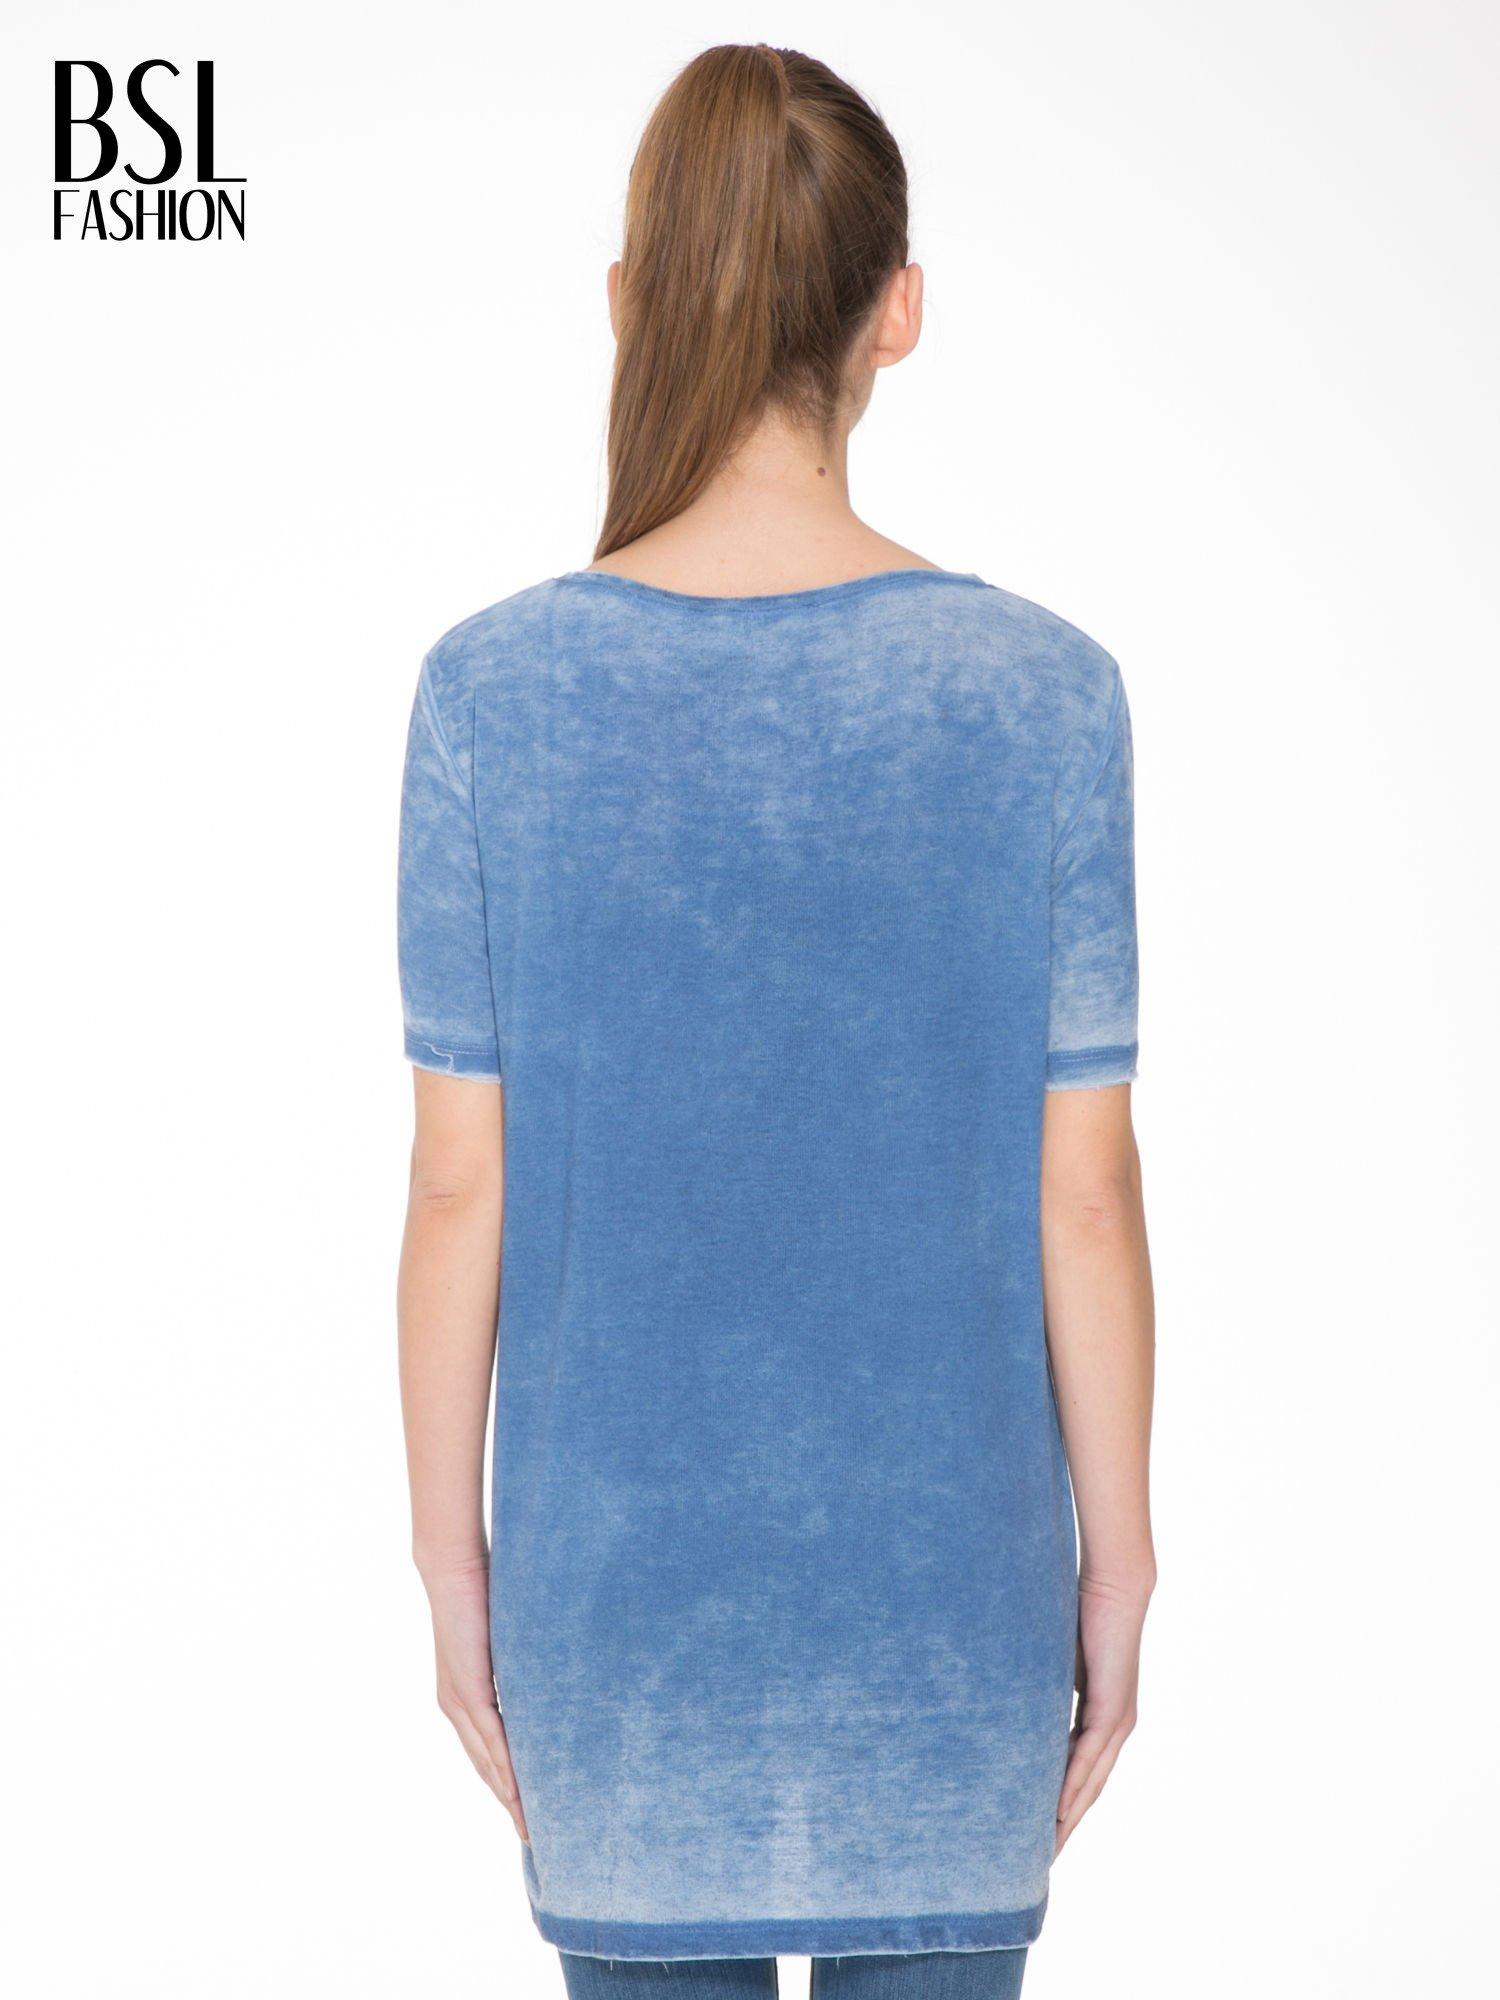 Niebieska sukienka typu t-shirt bluzka z efektem dekatyzowania                                  zdj.                                  4